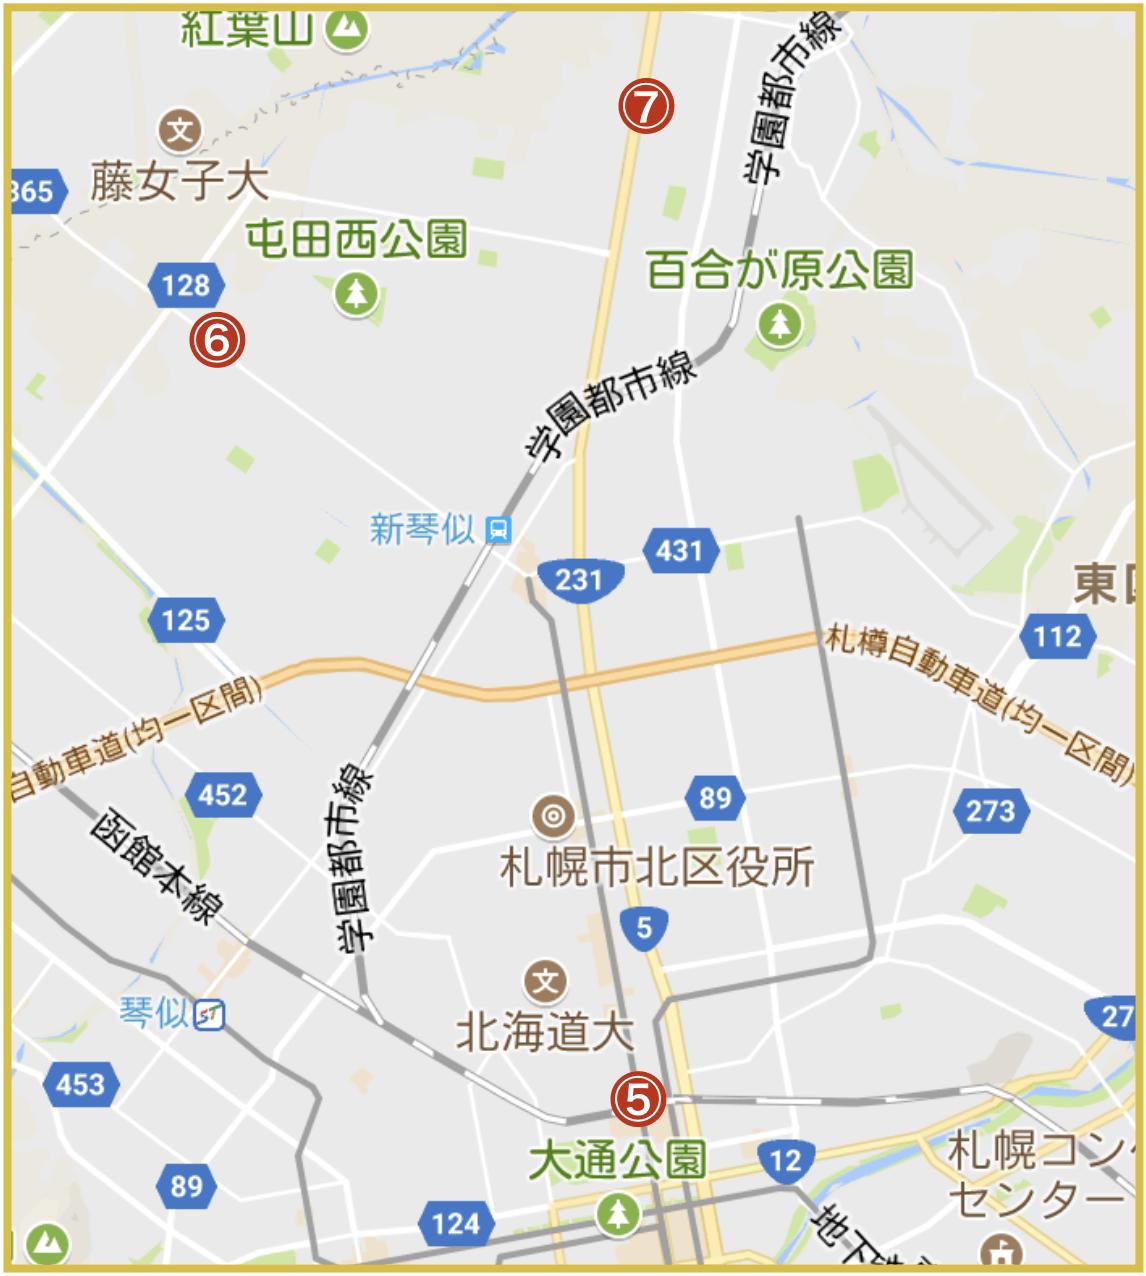 札幌市北区にあるアコム店舗・ATMの位置(2020年4月版)